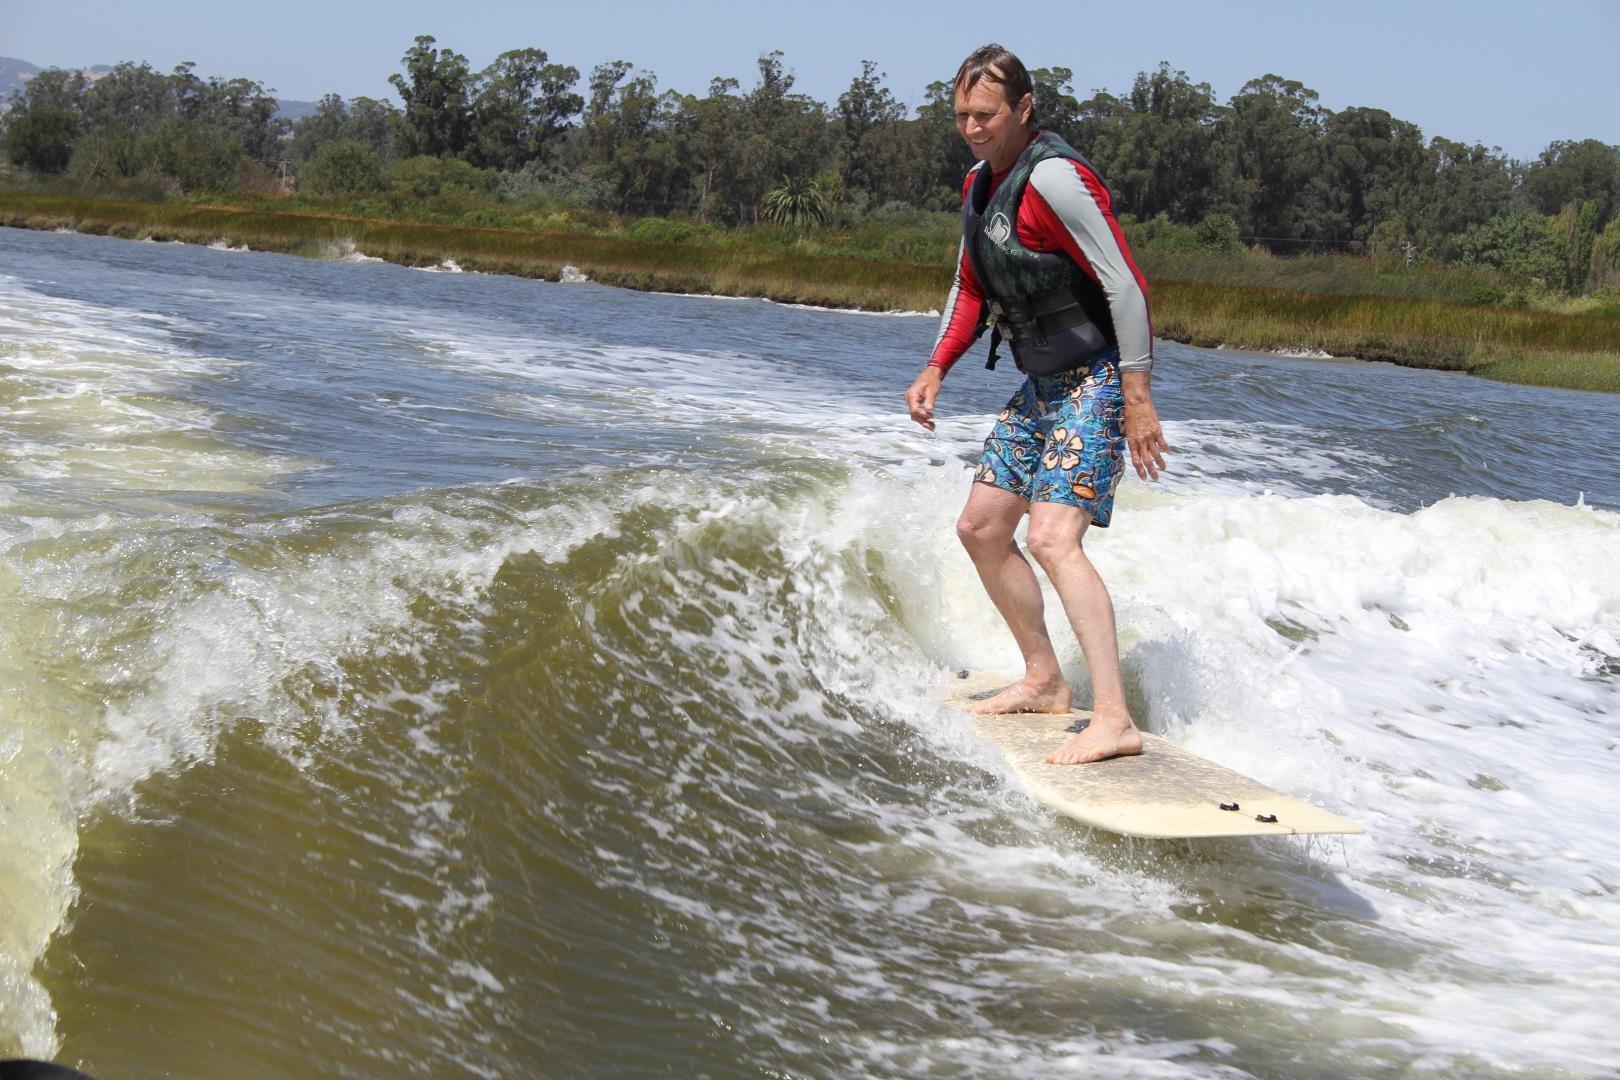 surf technique training trimming happy